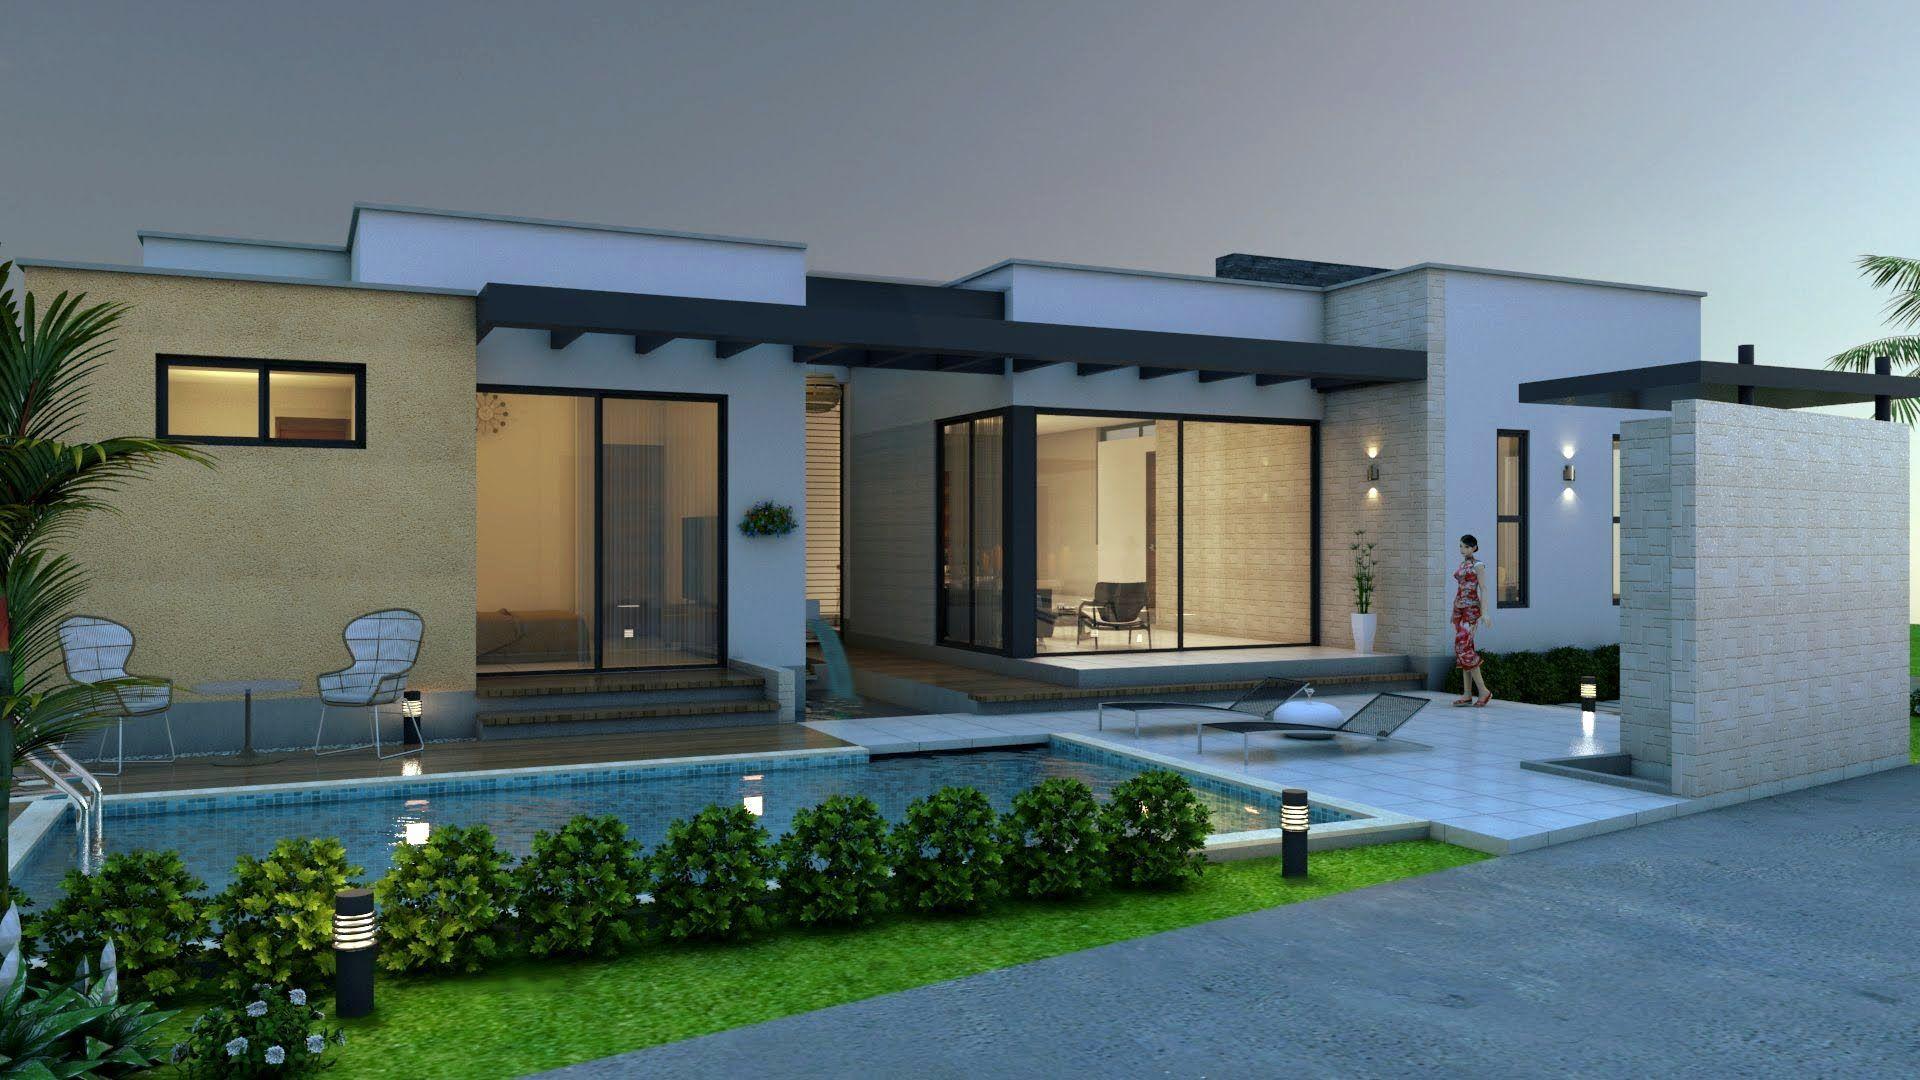 plano de casa campestre dise o moderno en un piso 245 m2